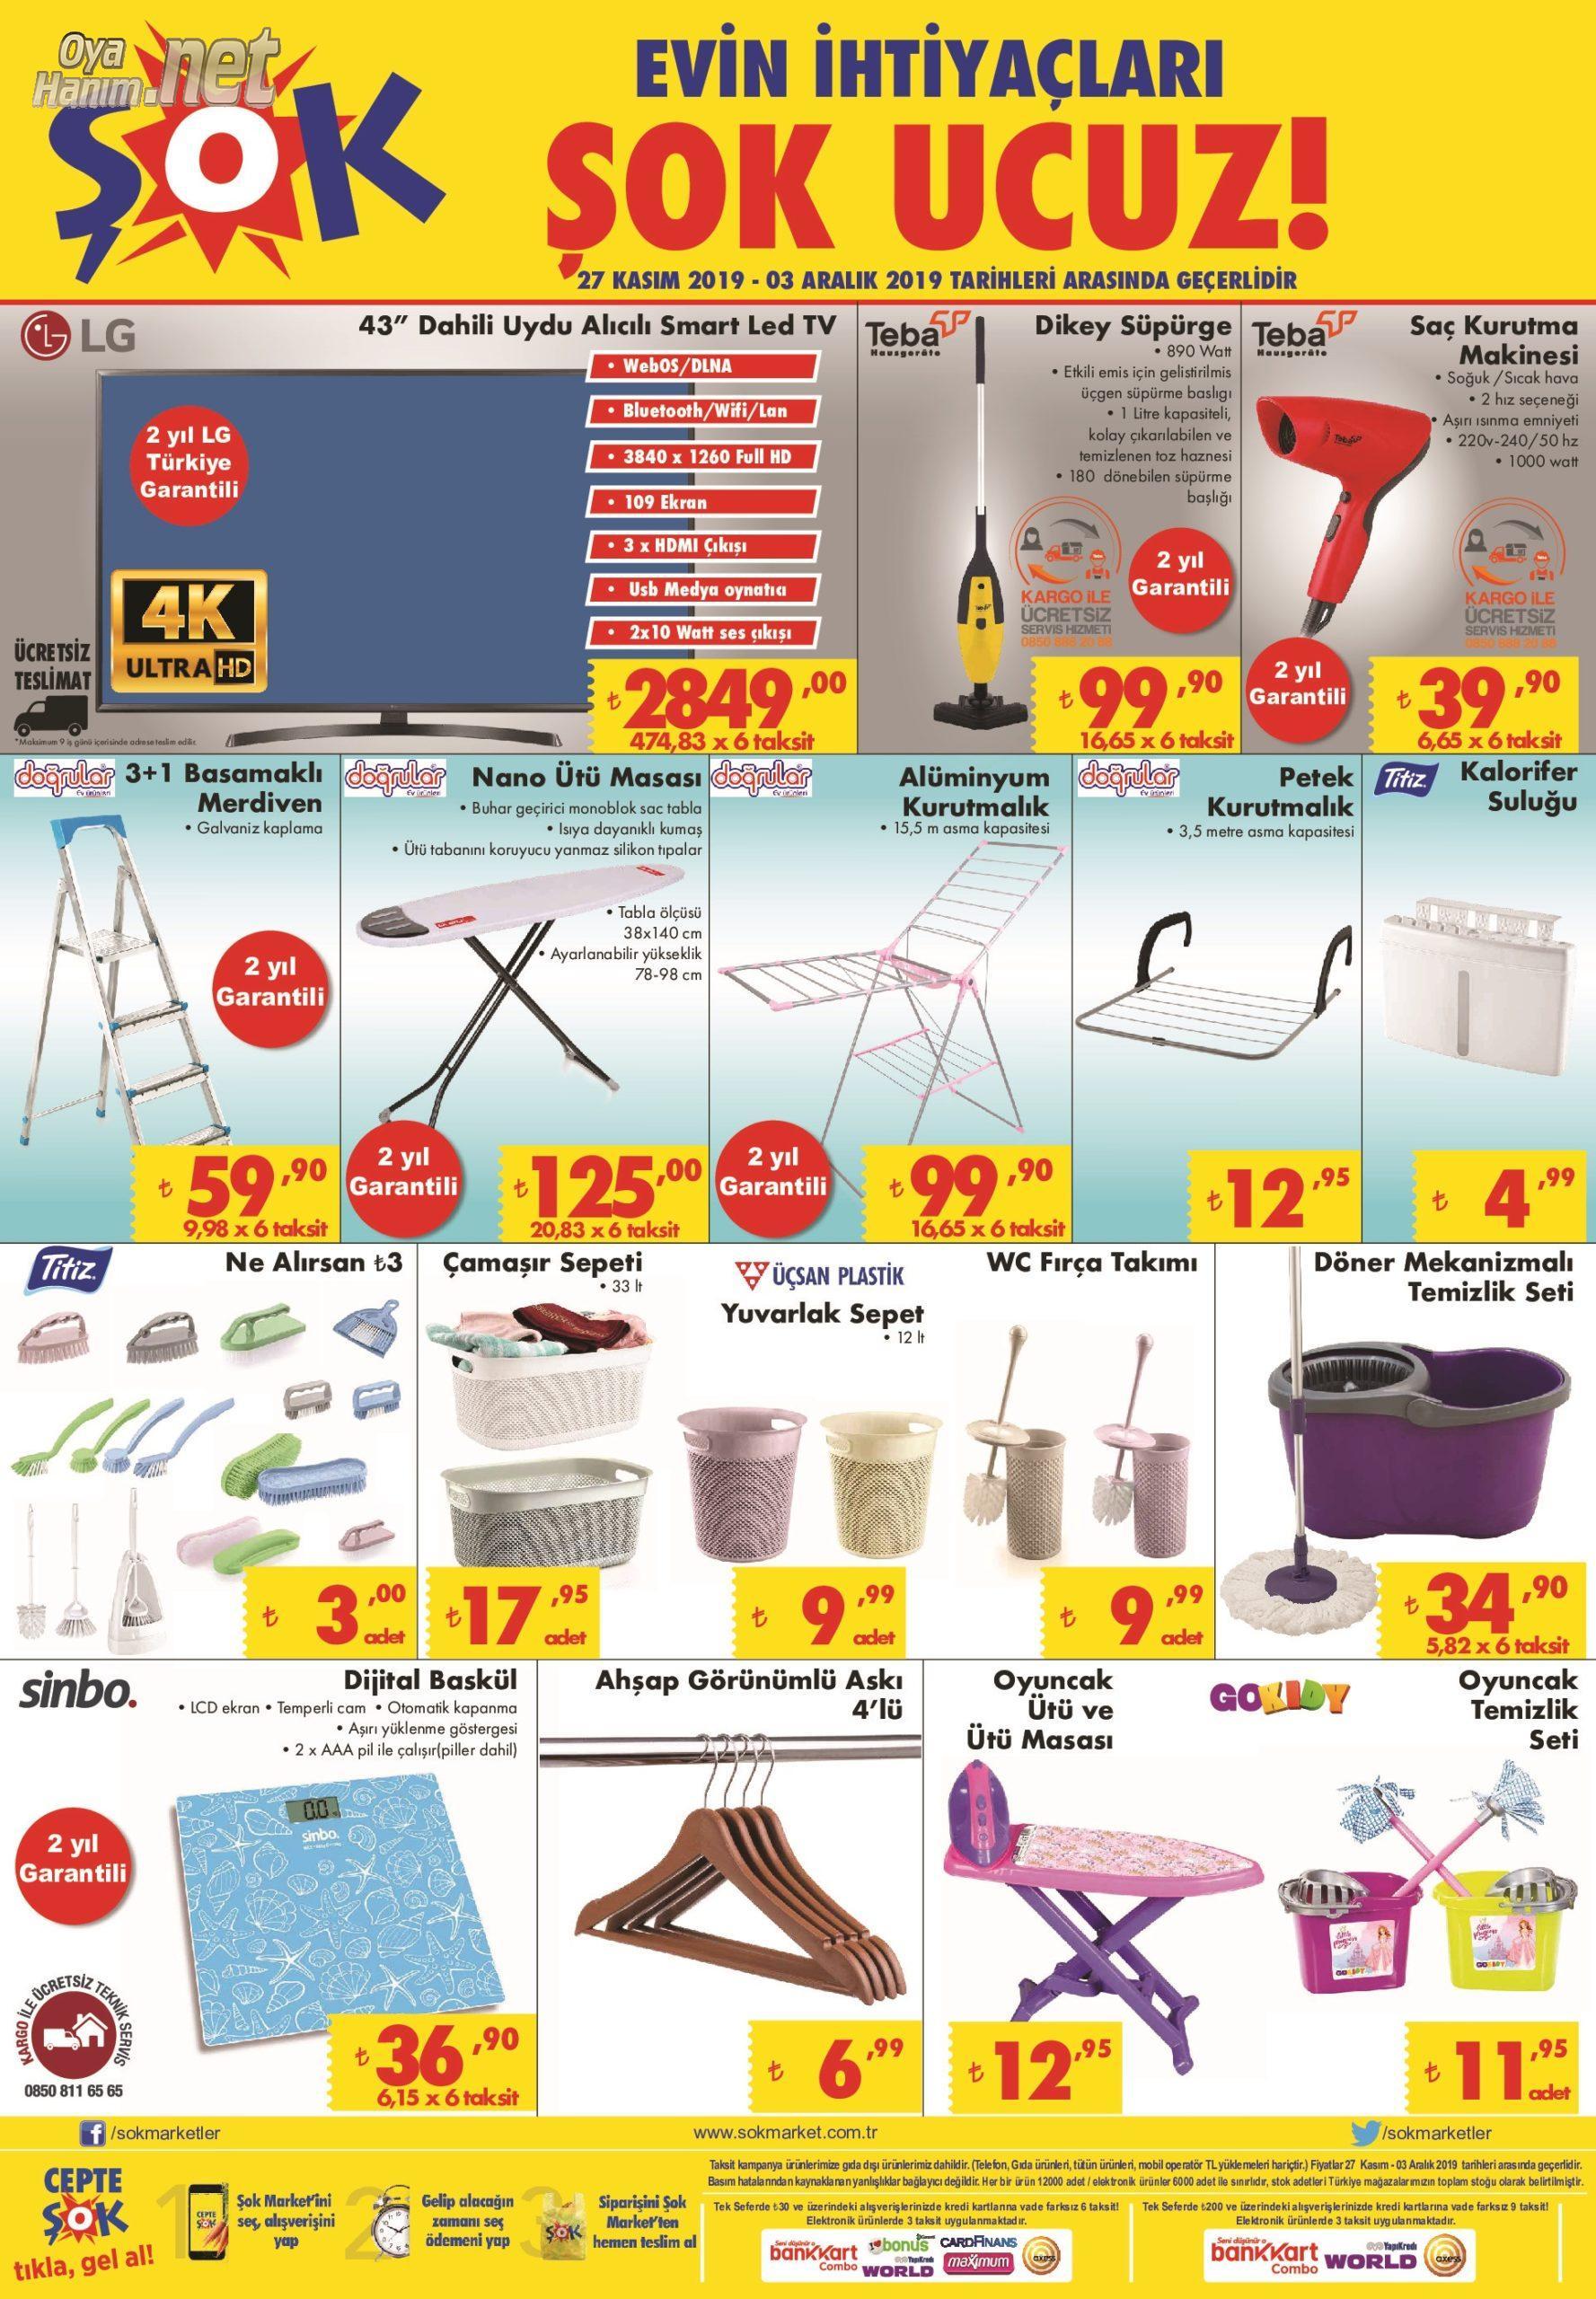 Şok Market 27 Kasım Aktüel Ürünler